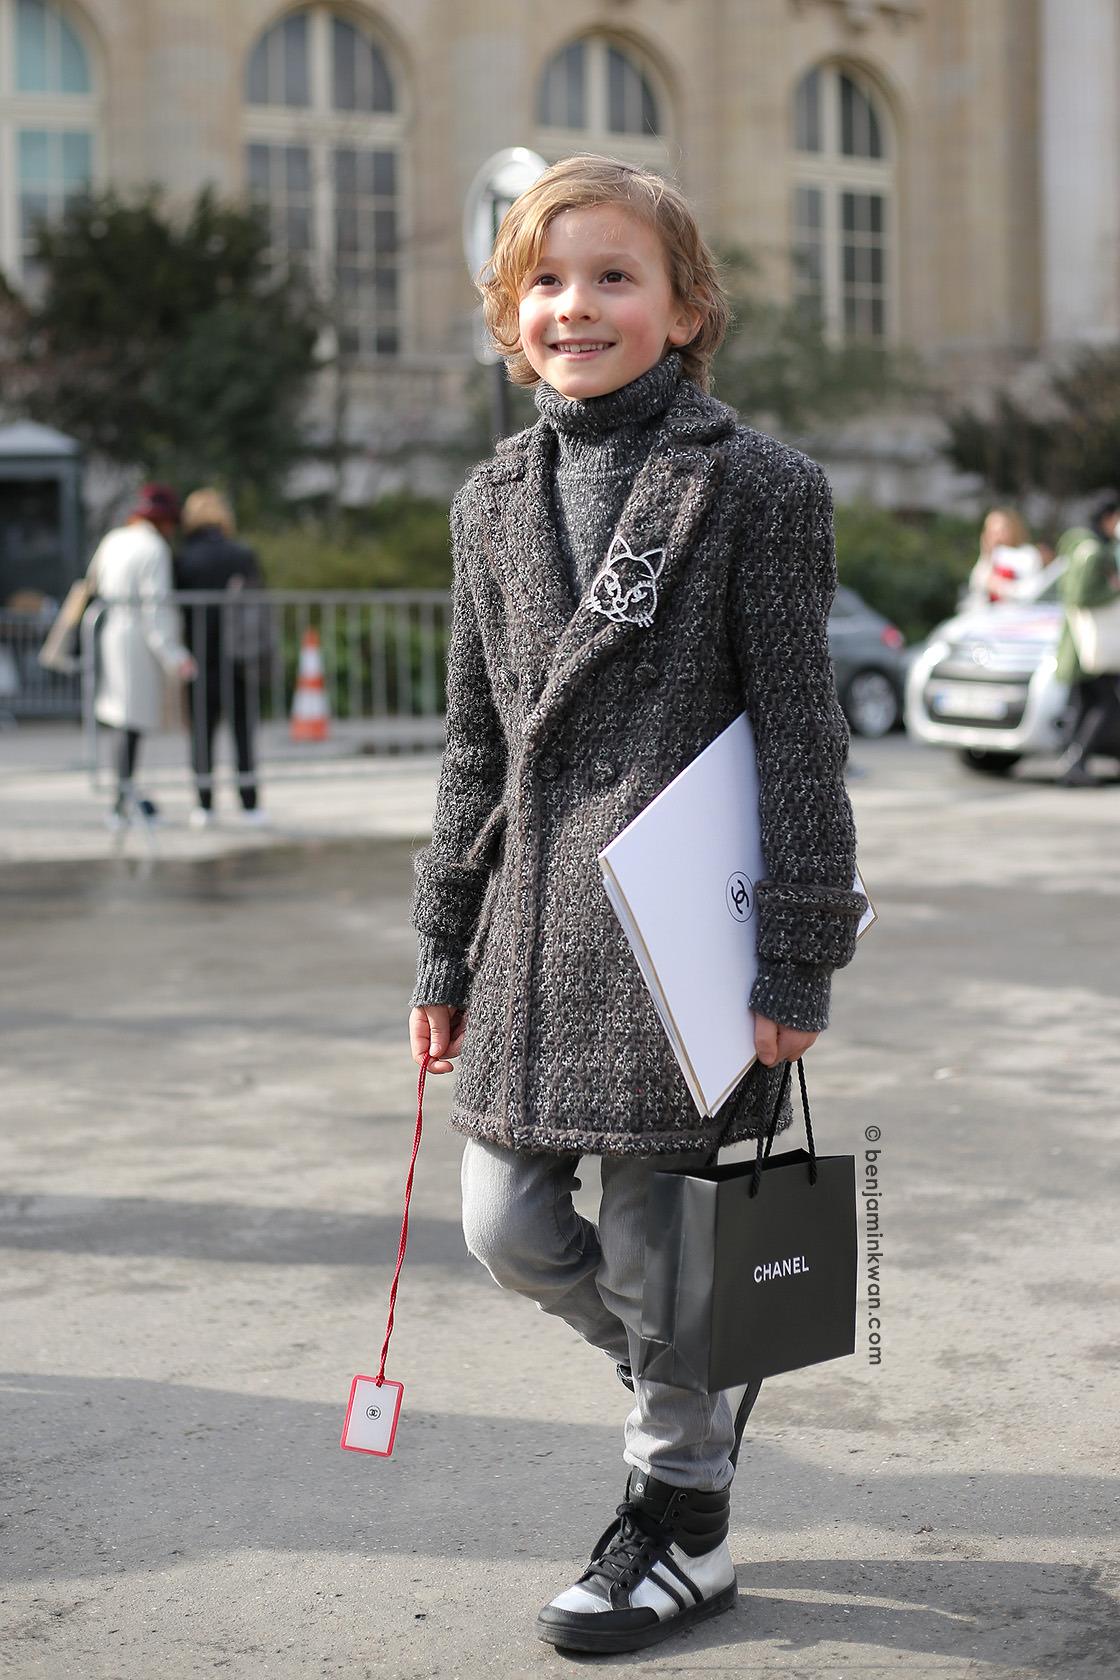 phong cách thời trang của Hudson Kroenig trong bộ trang phục Chanel